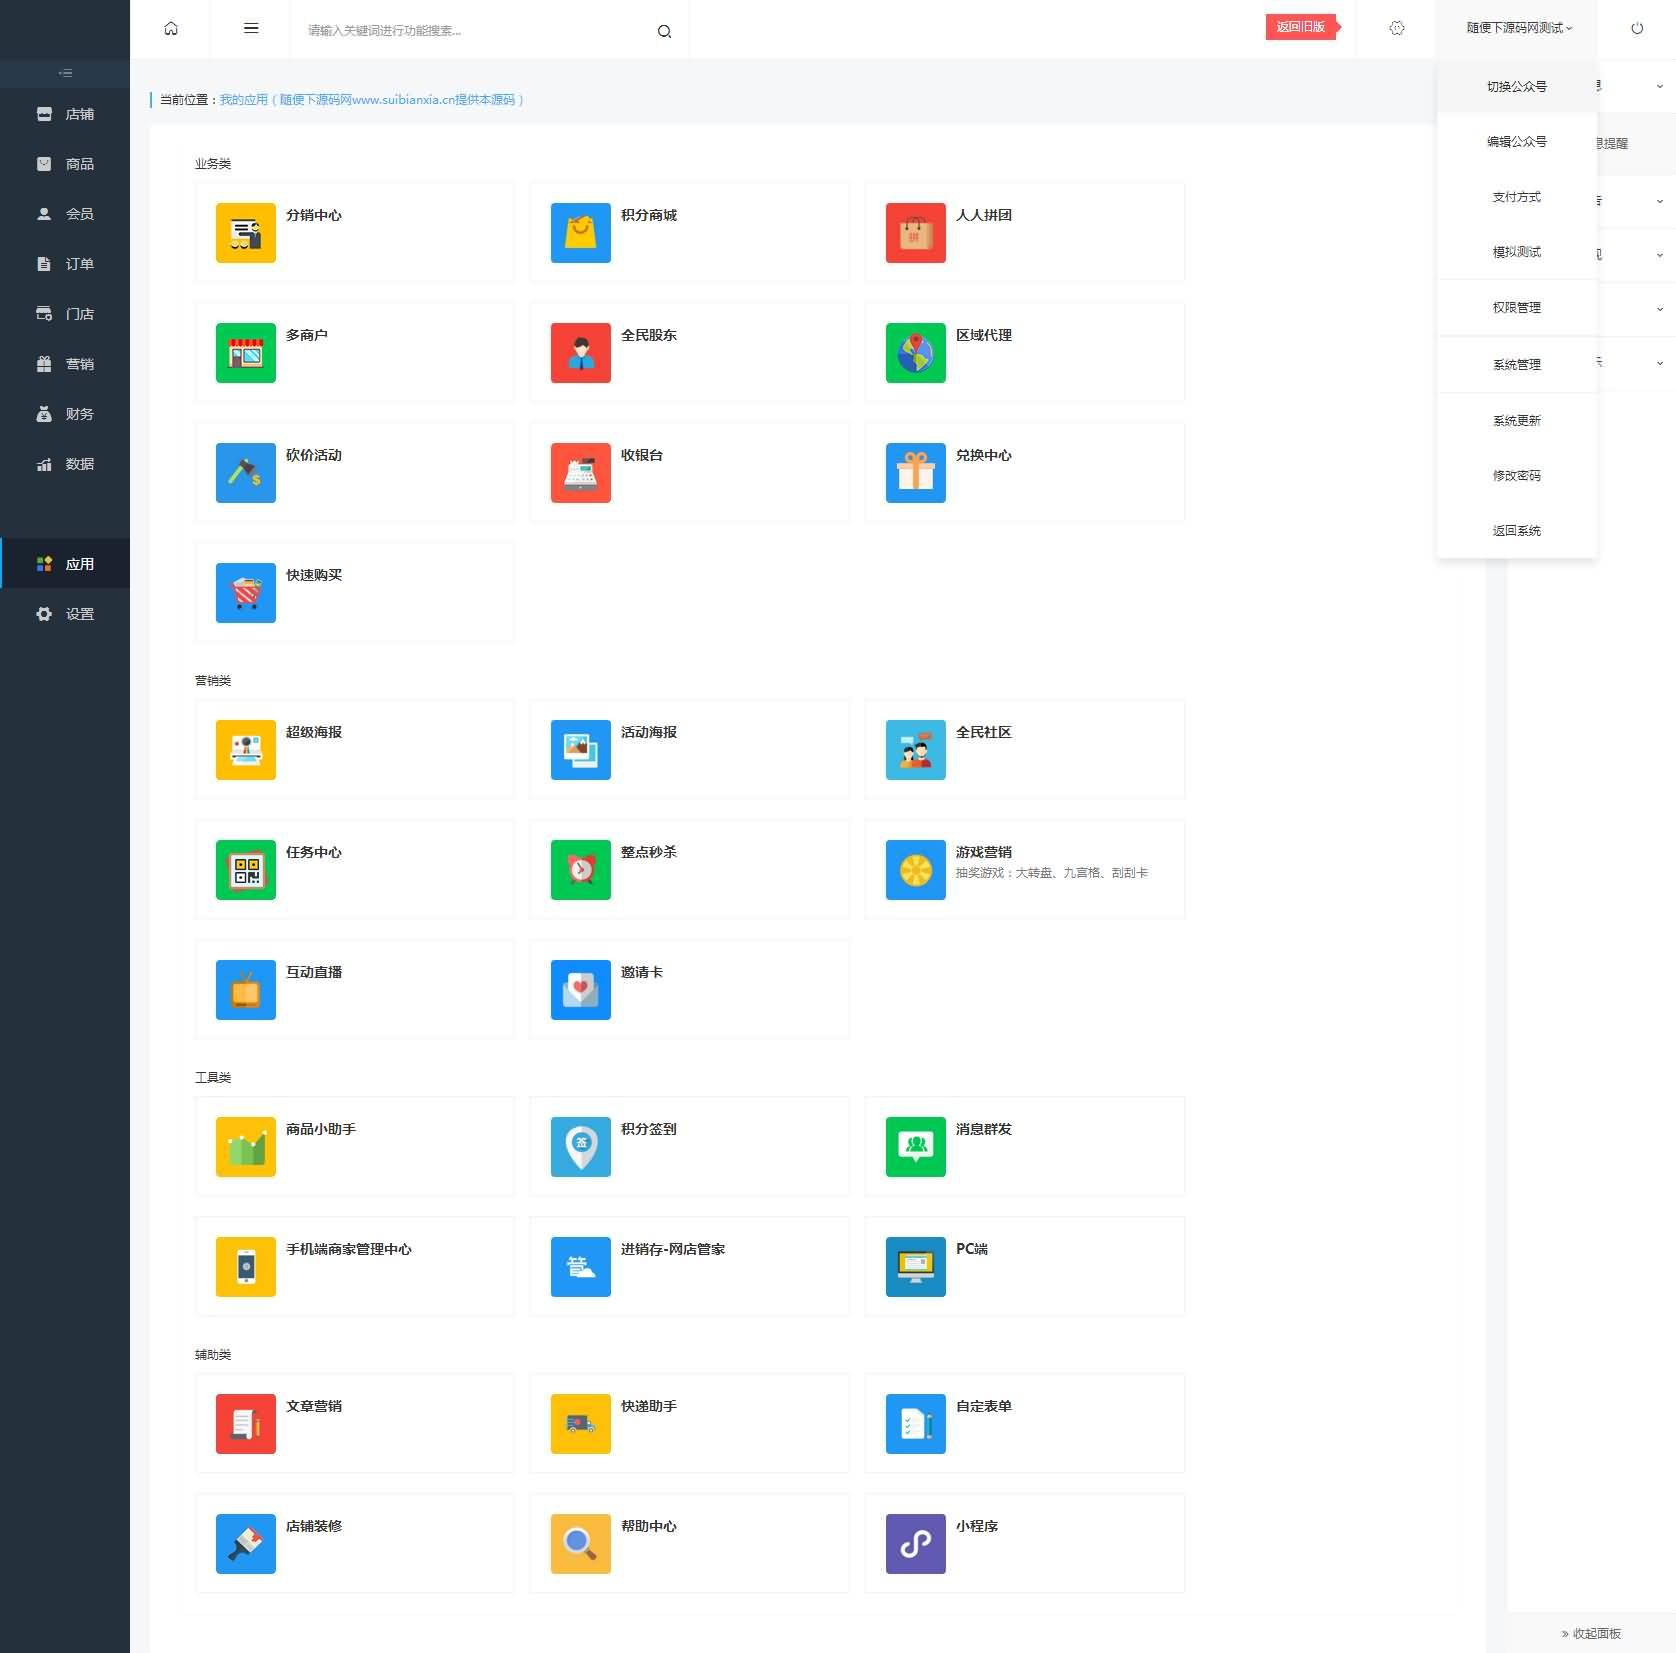 人人商城3.1.5全开源版微擎微赞通用模块新增砍价活动 客服系统